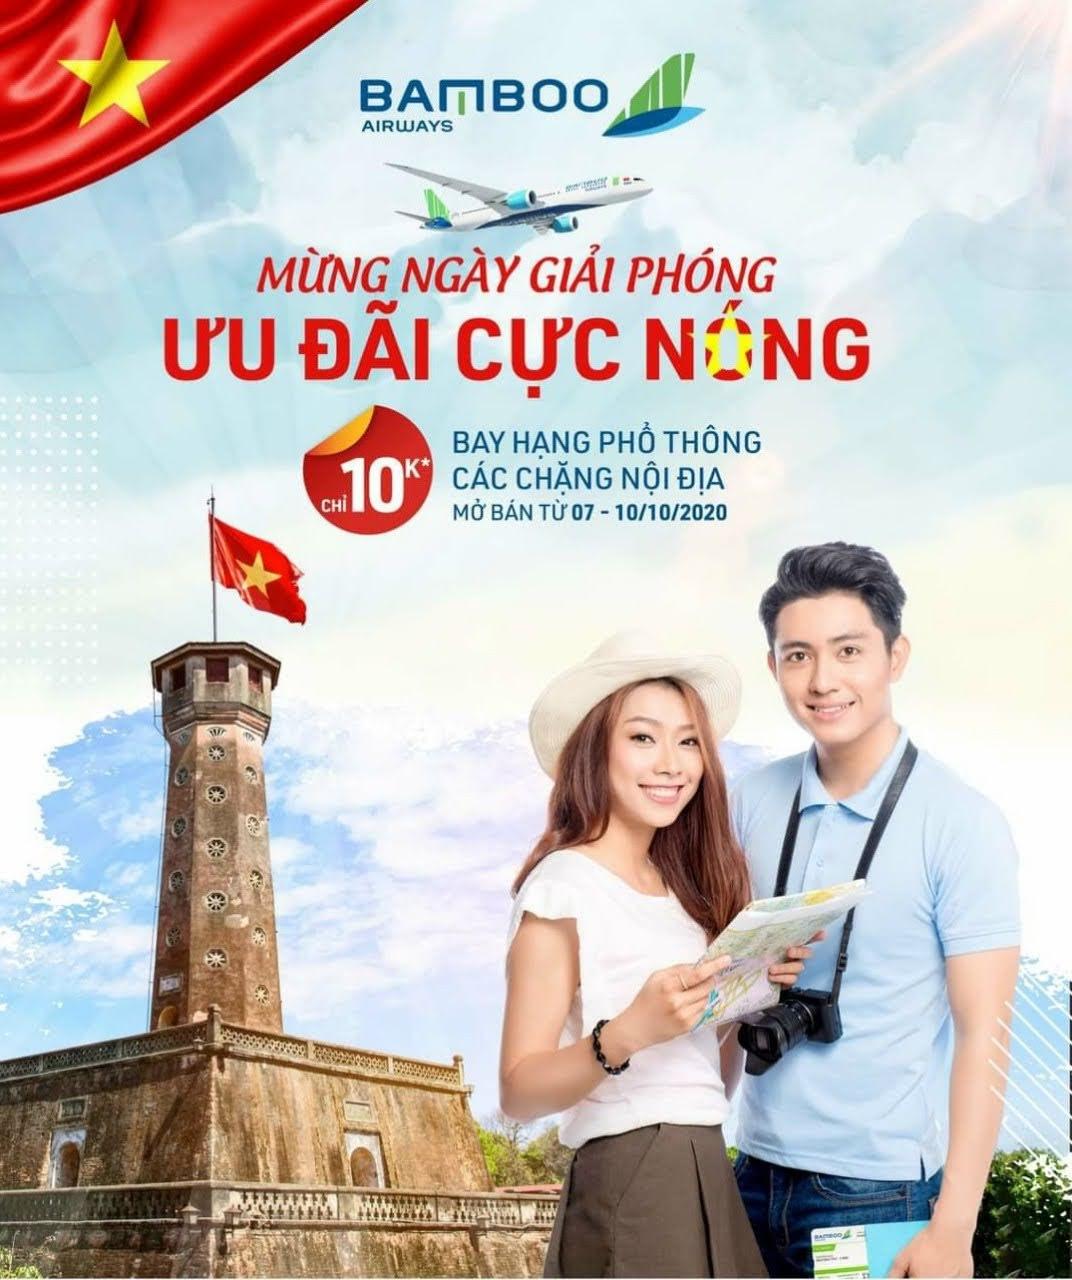 Đồng giá 10,000đ bay khắp Việt Nam Bamboo Airways khuyến mại